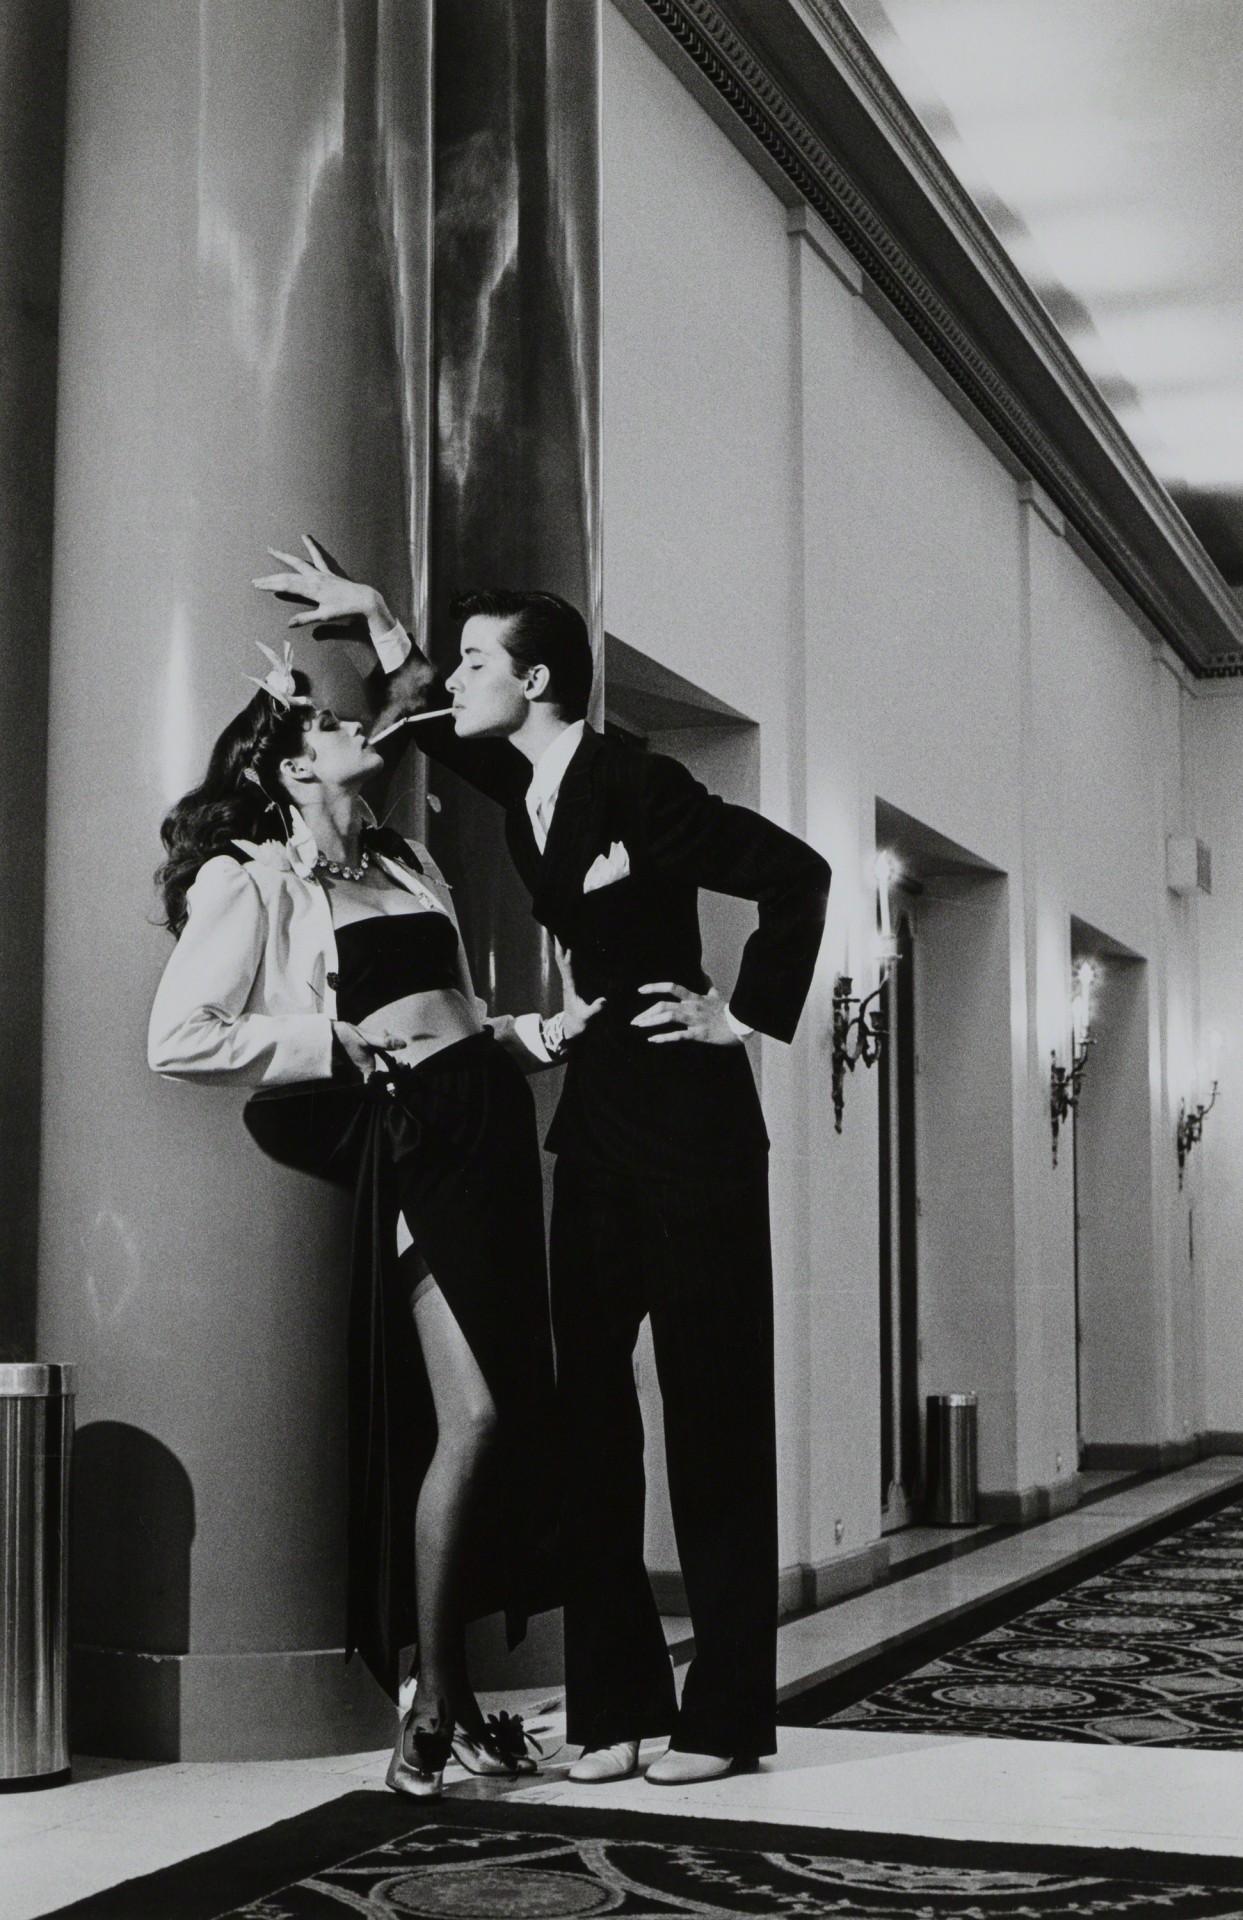 Из женщины в мужчину, французский Vogue, 1979. Фотограф Хельмут Ньютон